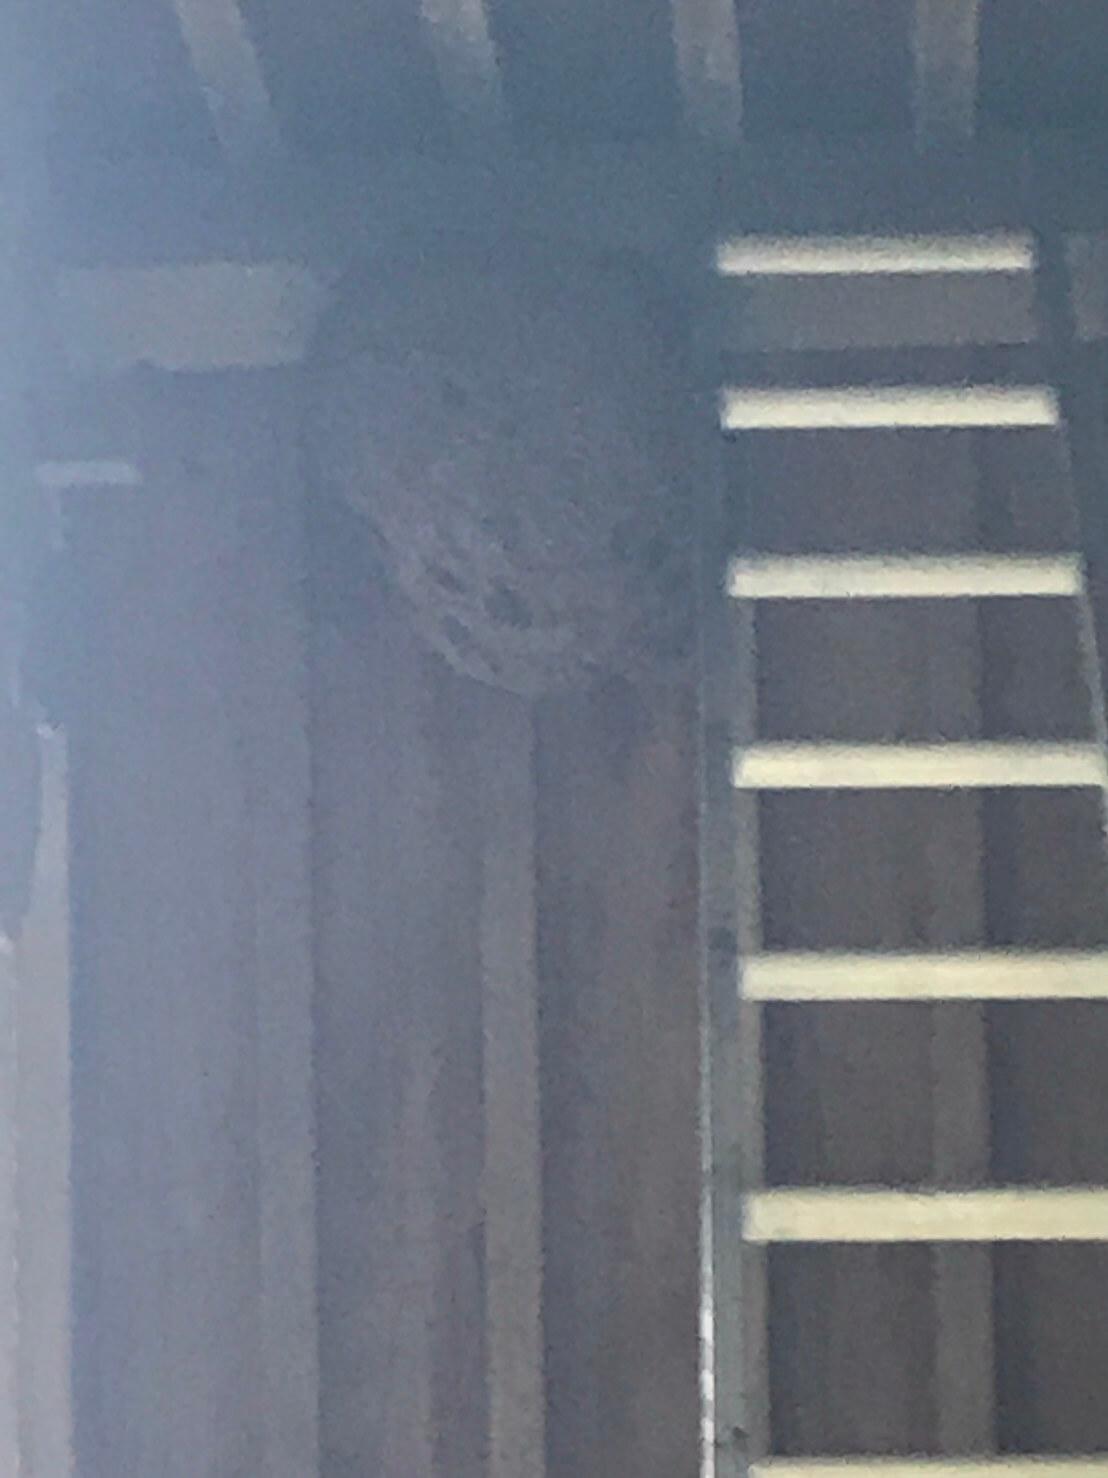 長野市若穂綿内 ハチの巣駆除1